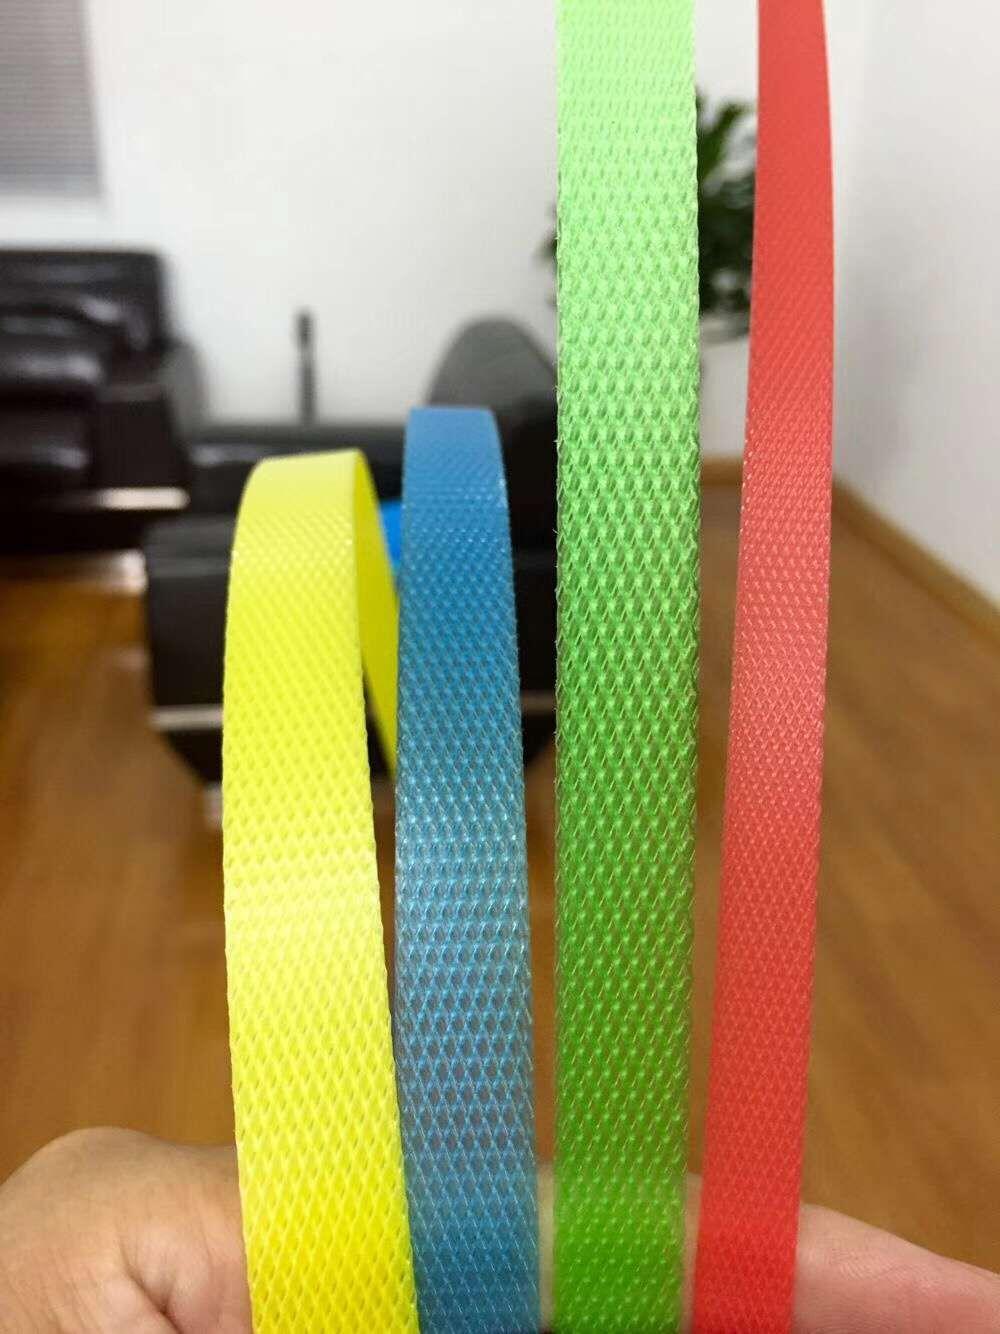 漳州塑钢打包带-锦秀源包装设备为您提供质量好的打包带